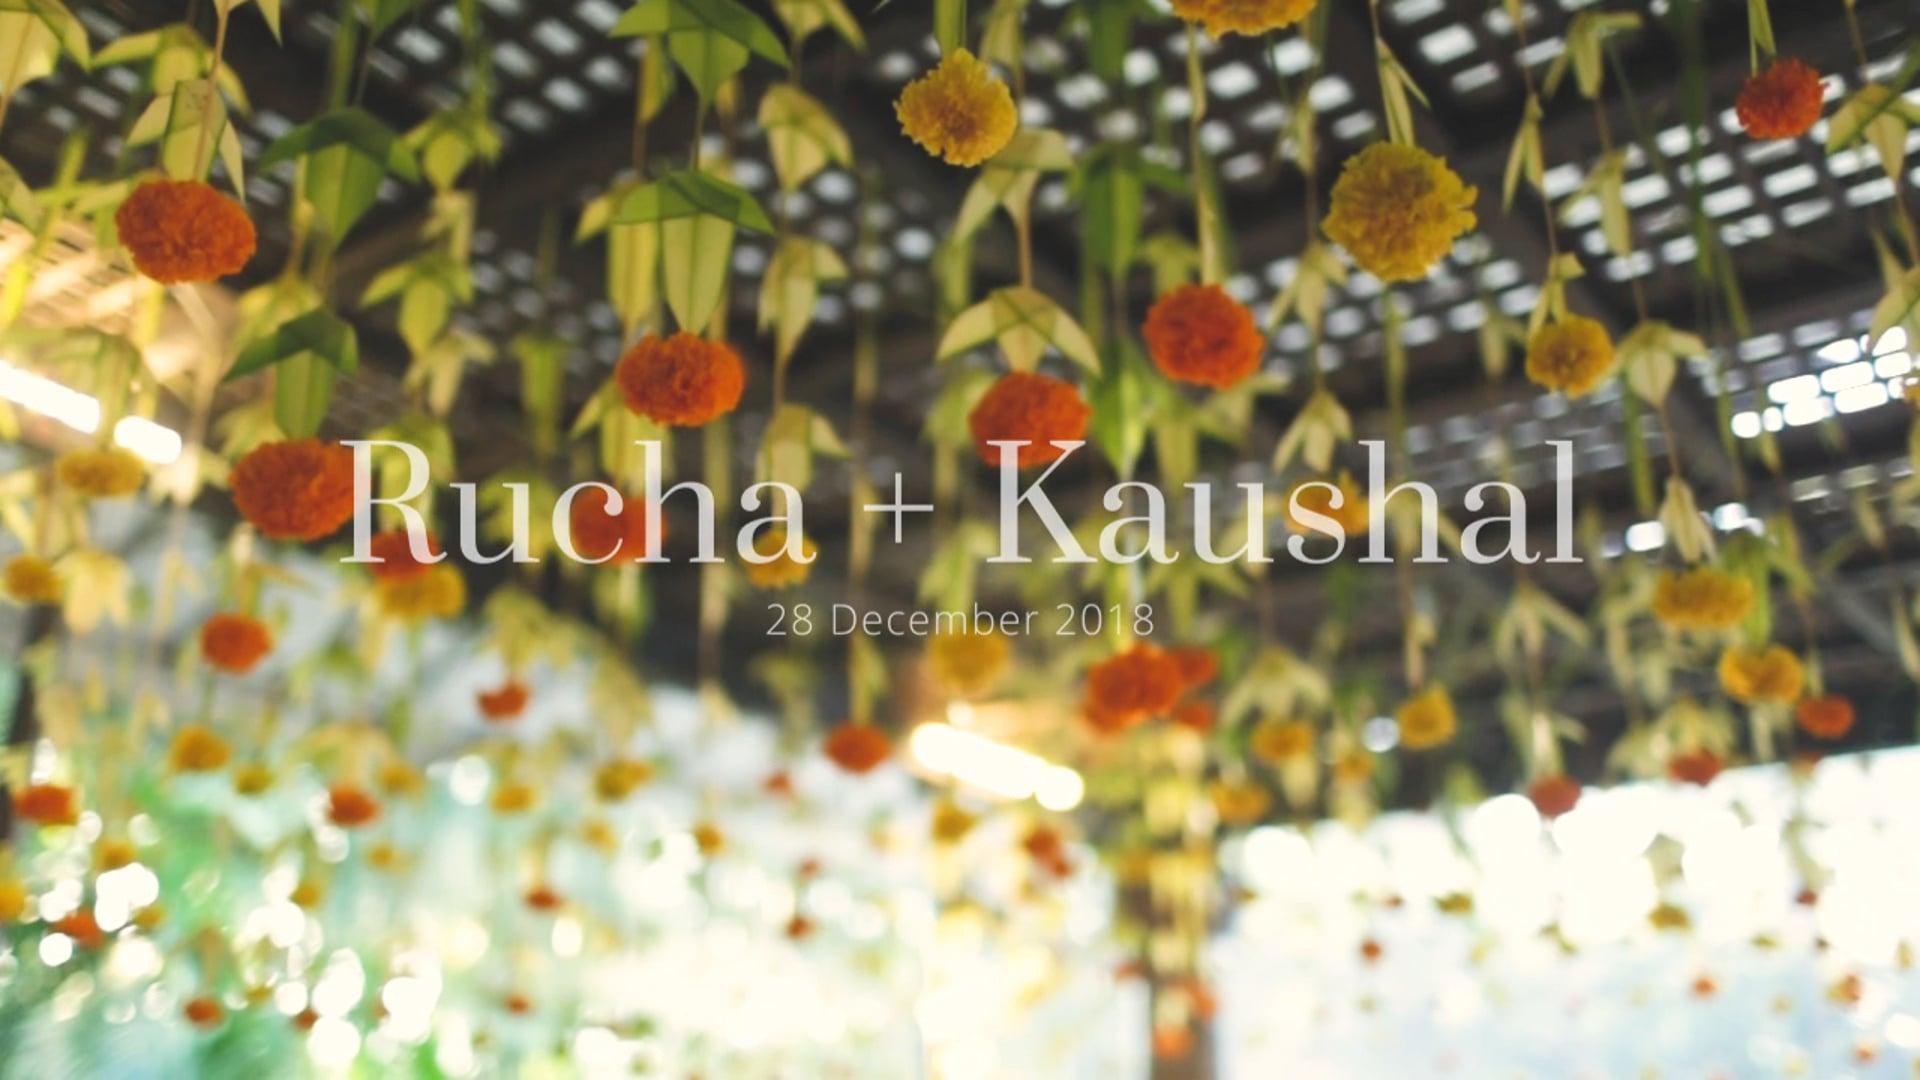 Rucha + Kaushal